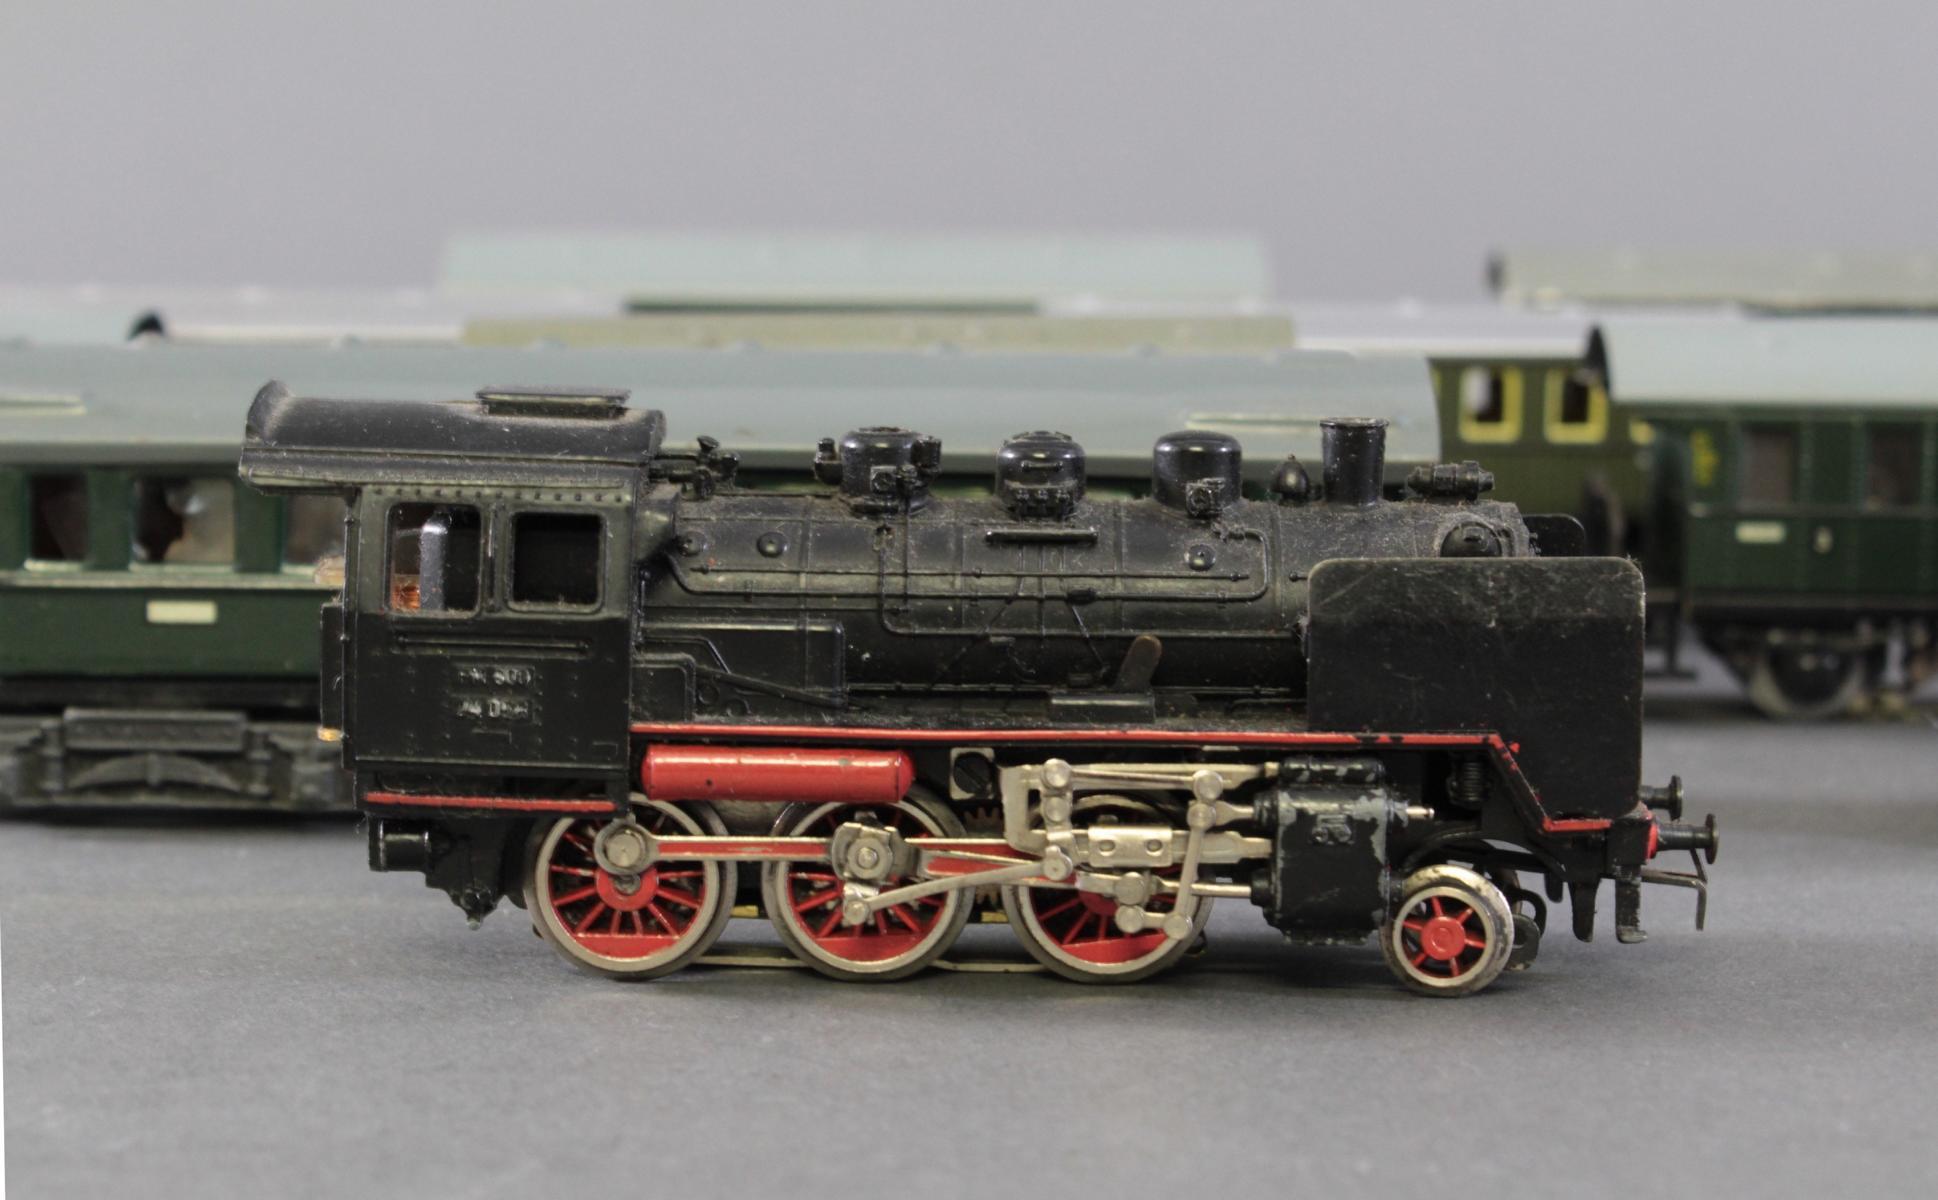 Märklin Dampflok BR 24 058 mit 10 Personenwaggons aus Blech, Spur H0-2